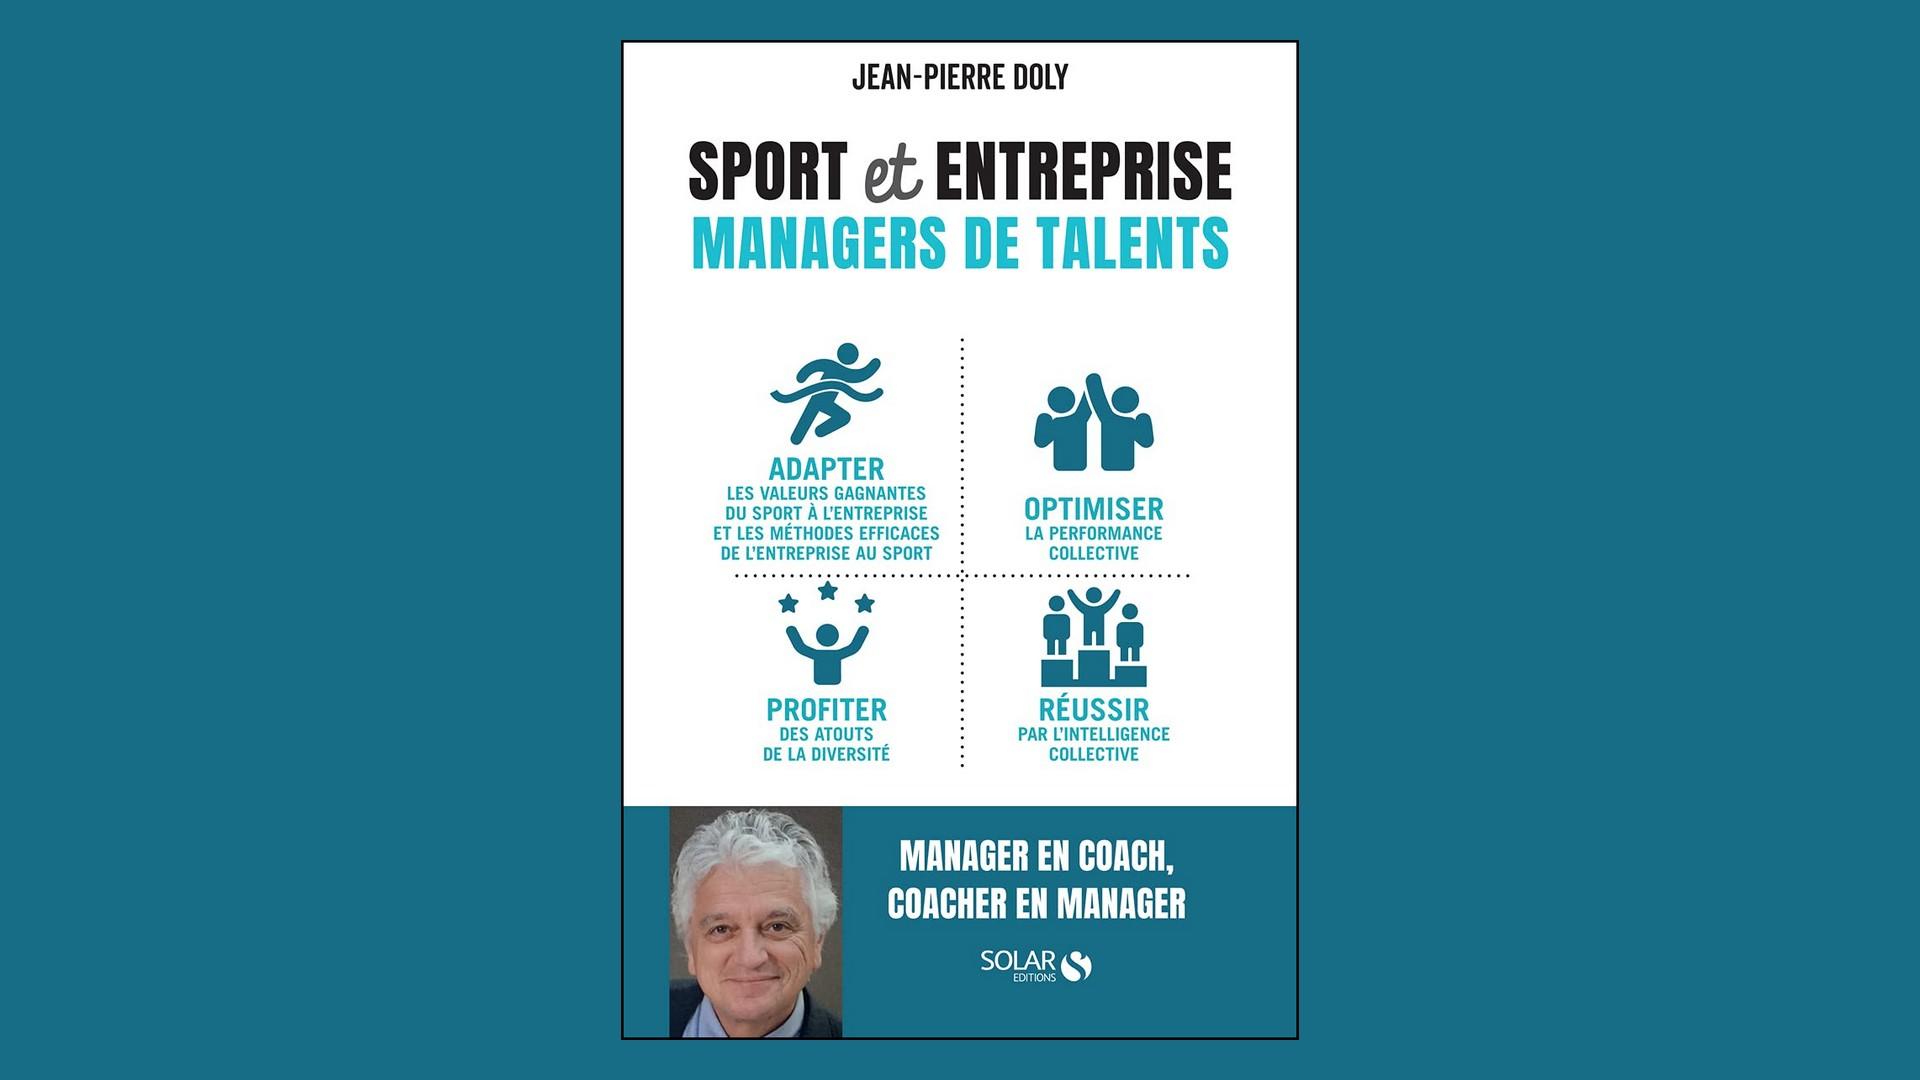 Livres – Sport et entreprise – Jean-Pierre Doly (2021)